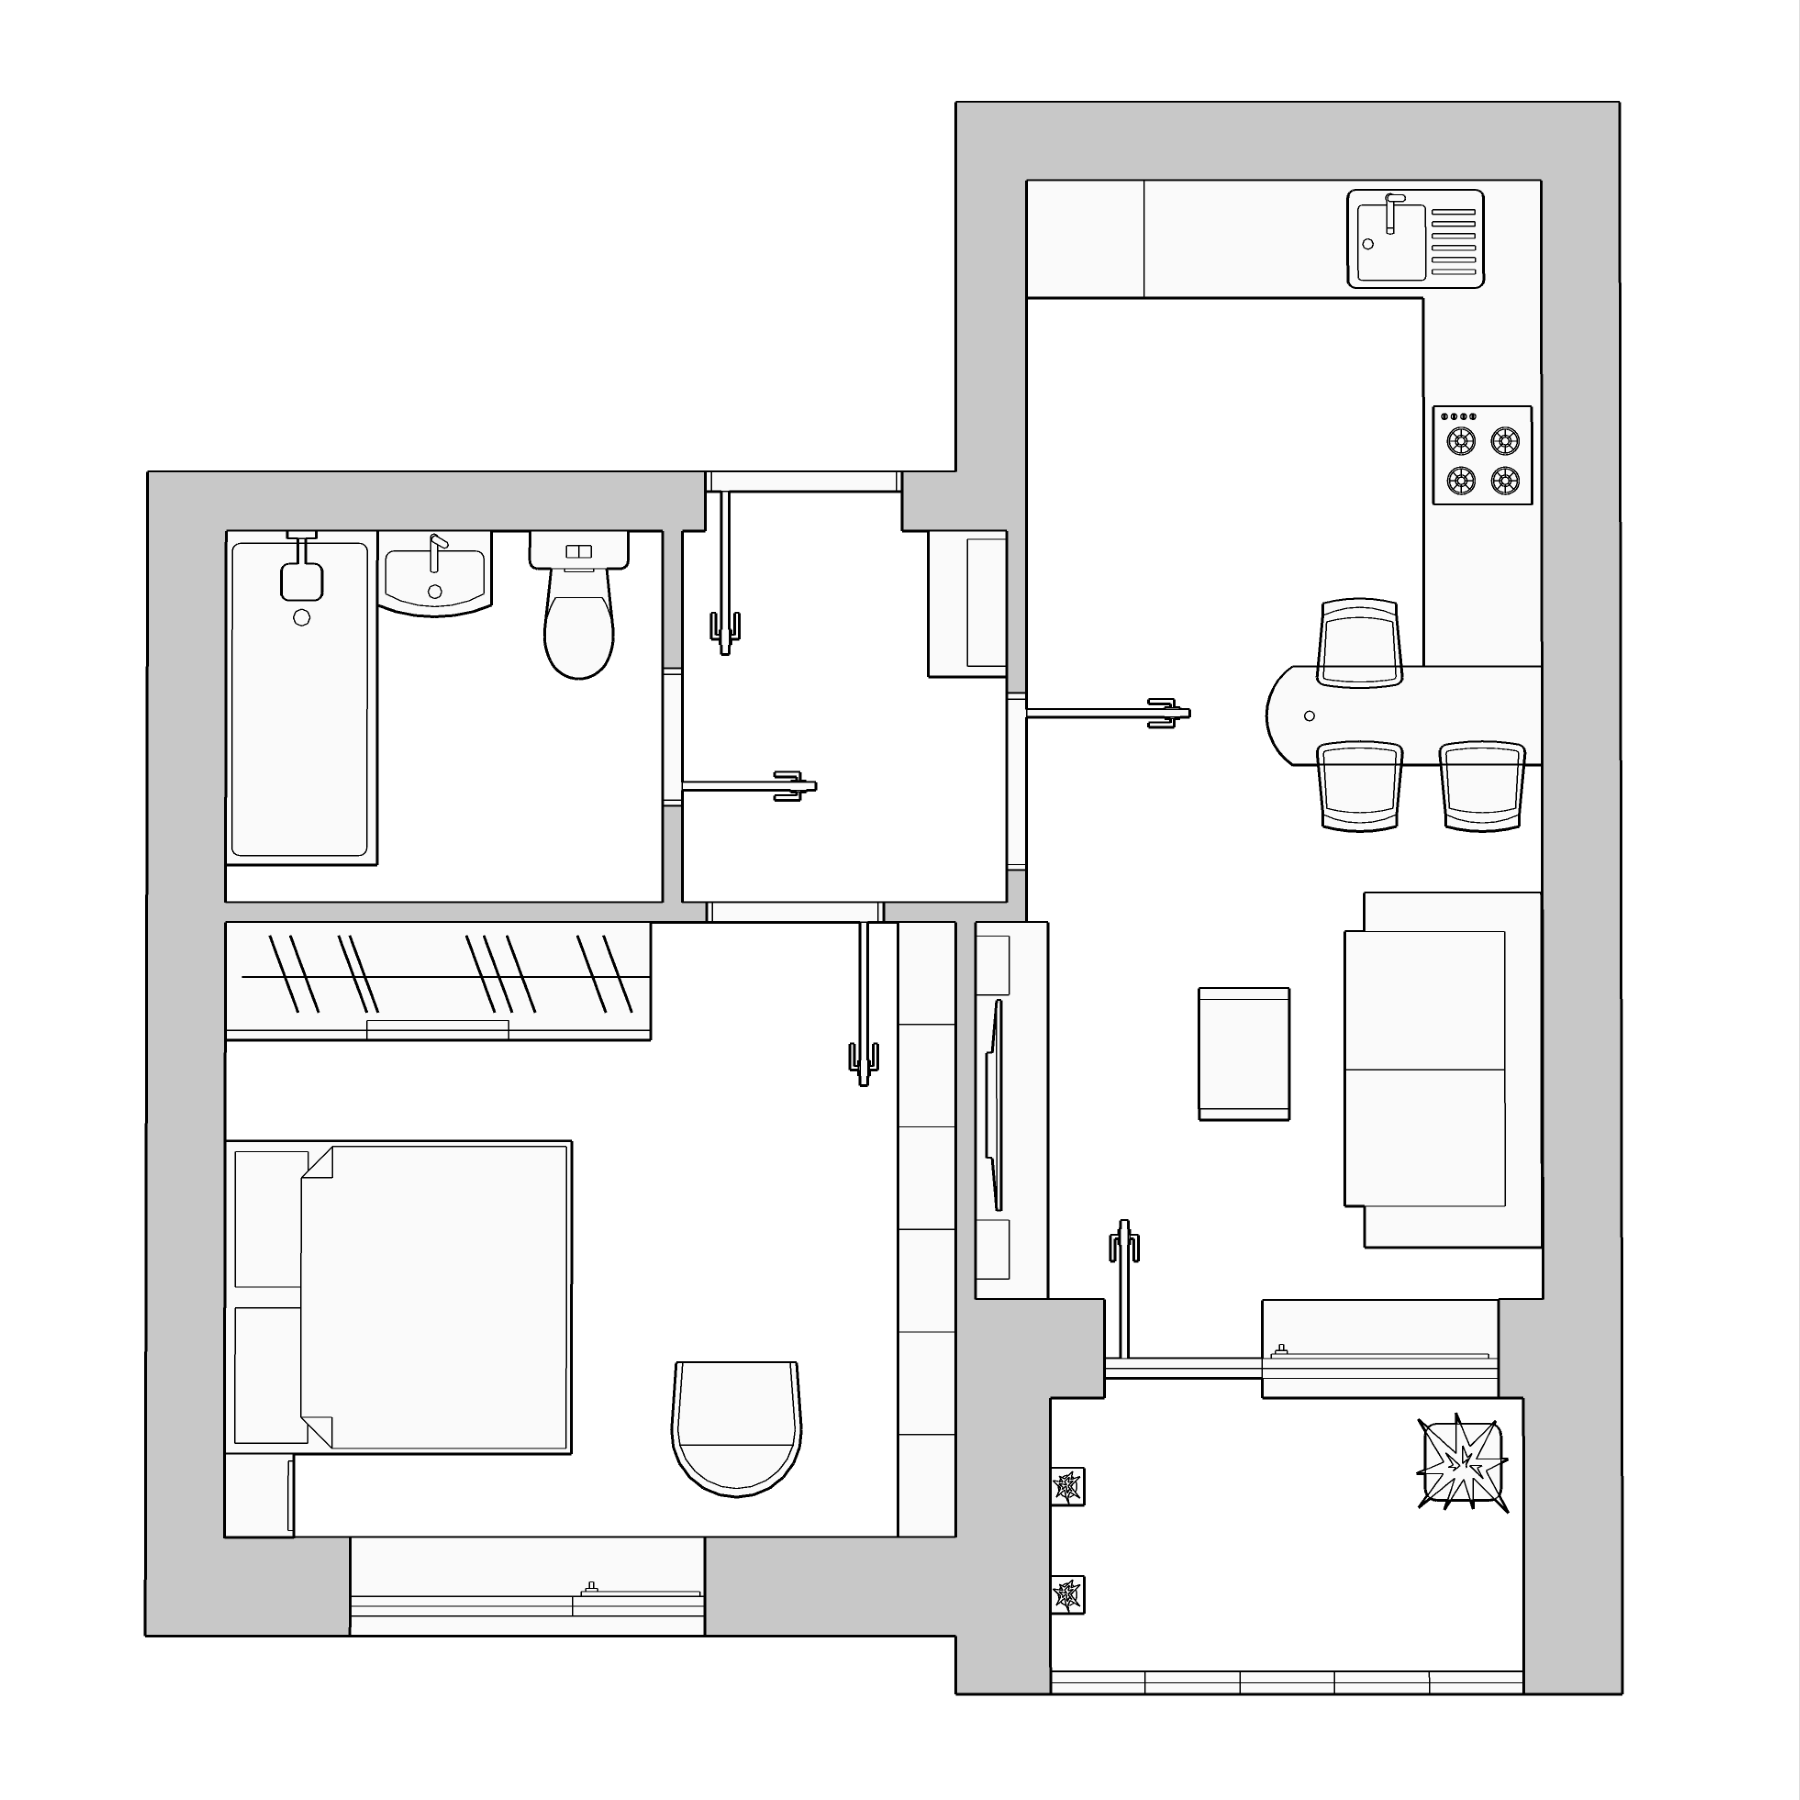 1-комнатная квартира 35.89